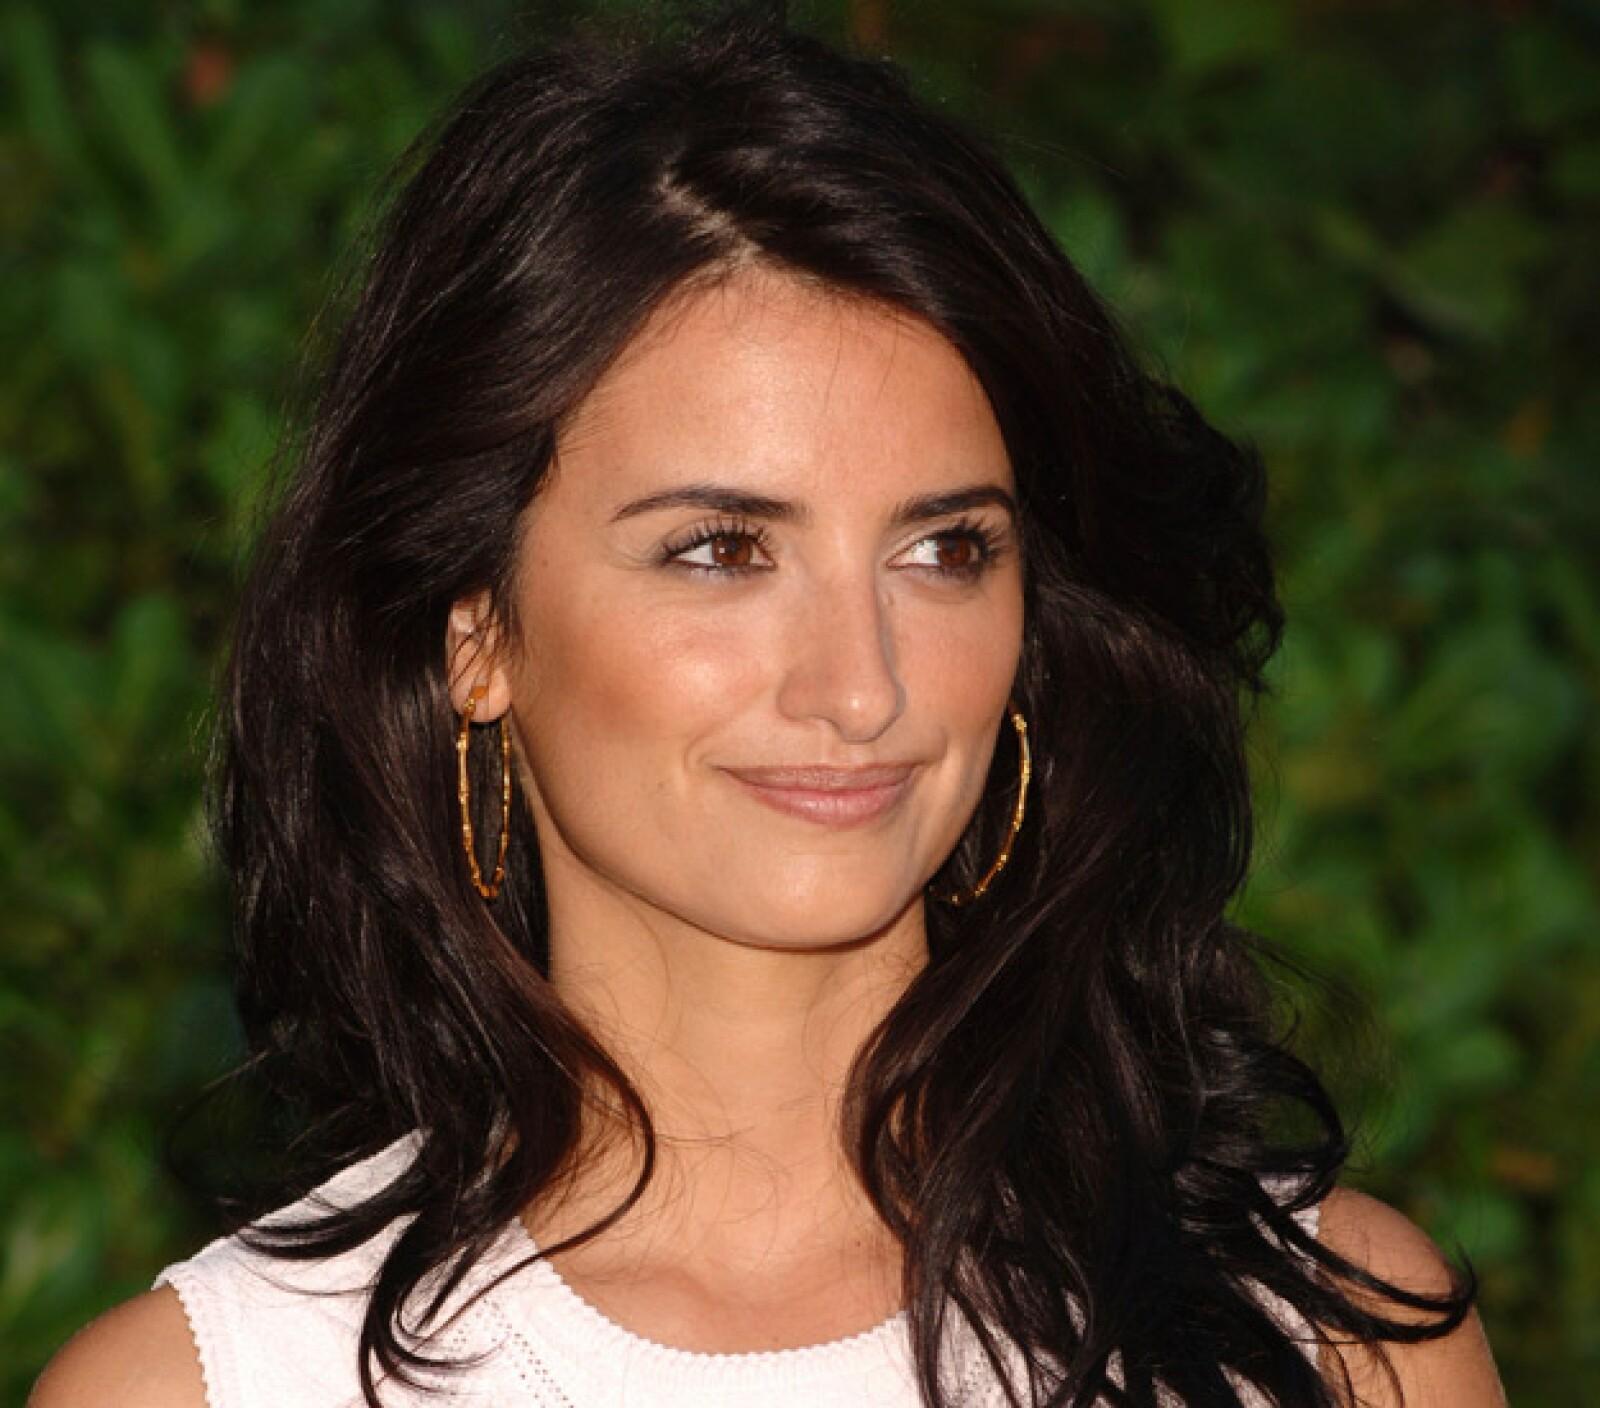 La mejor amiga de Salma Hayek es hermosa y es otra por la que el tiempo no pasa.